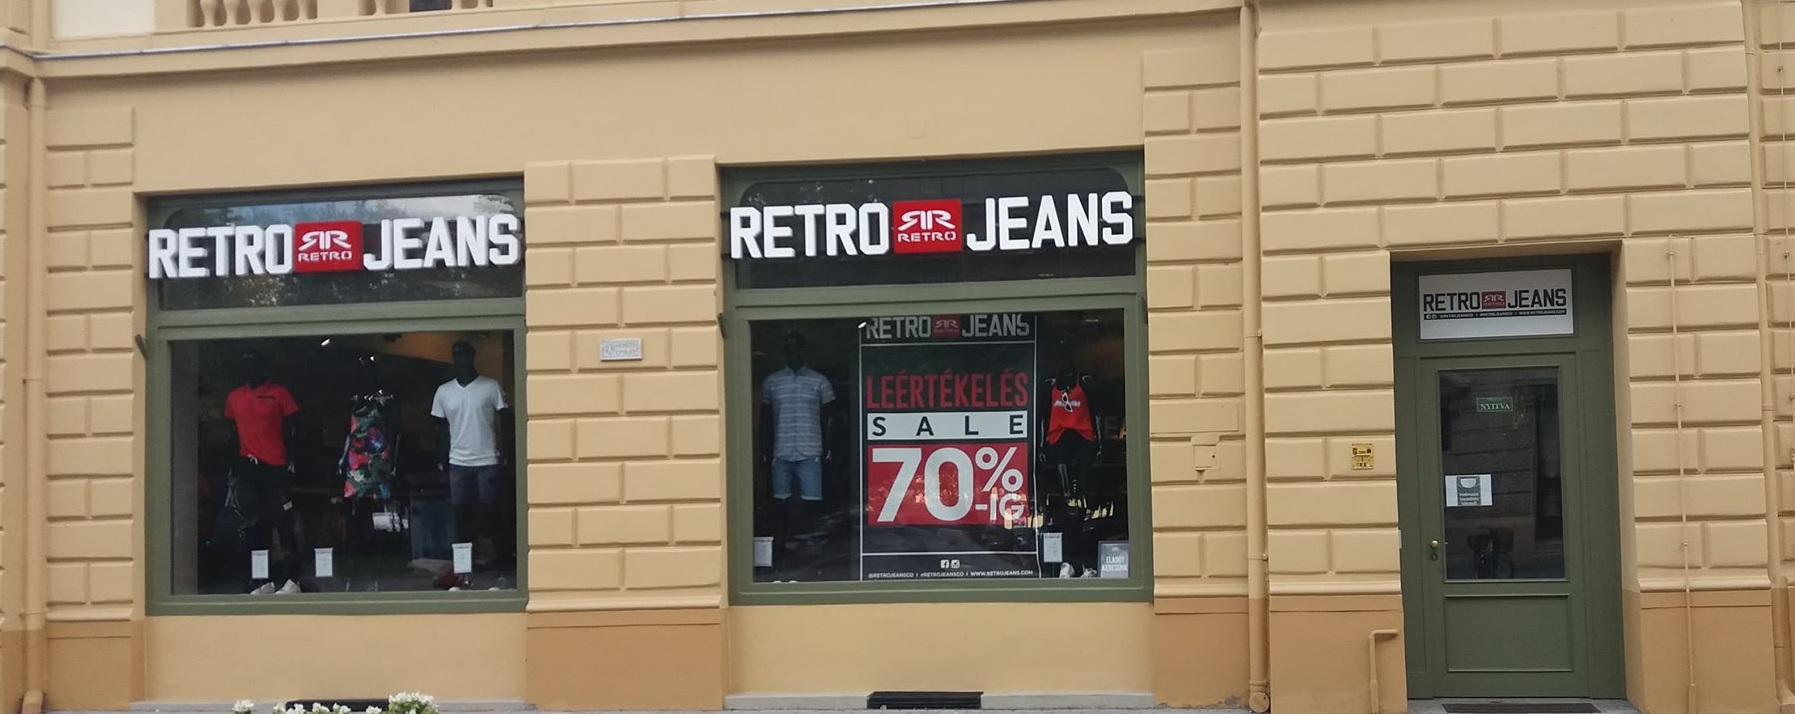 retro jeans nagykereskedés budapest